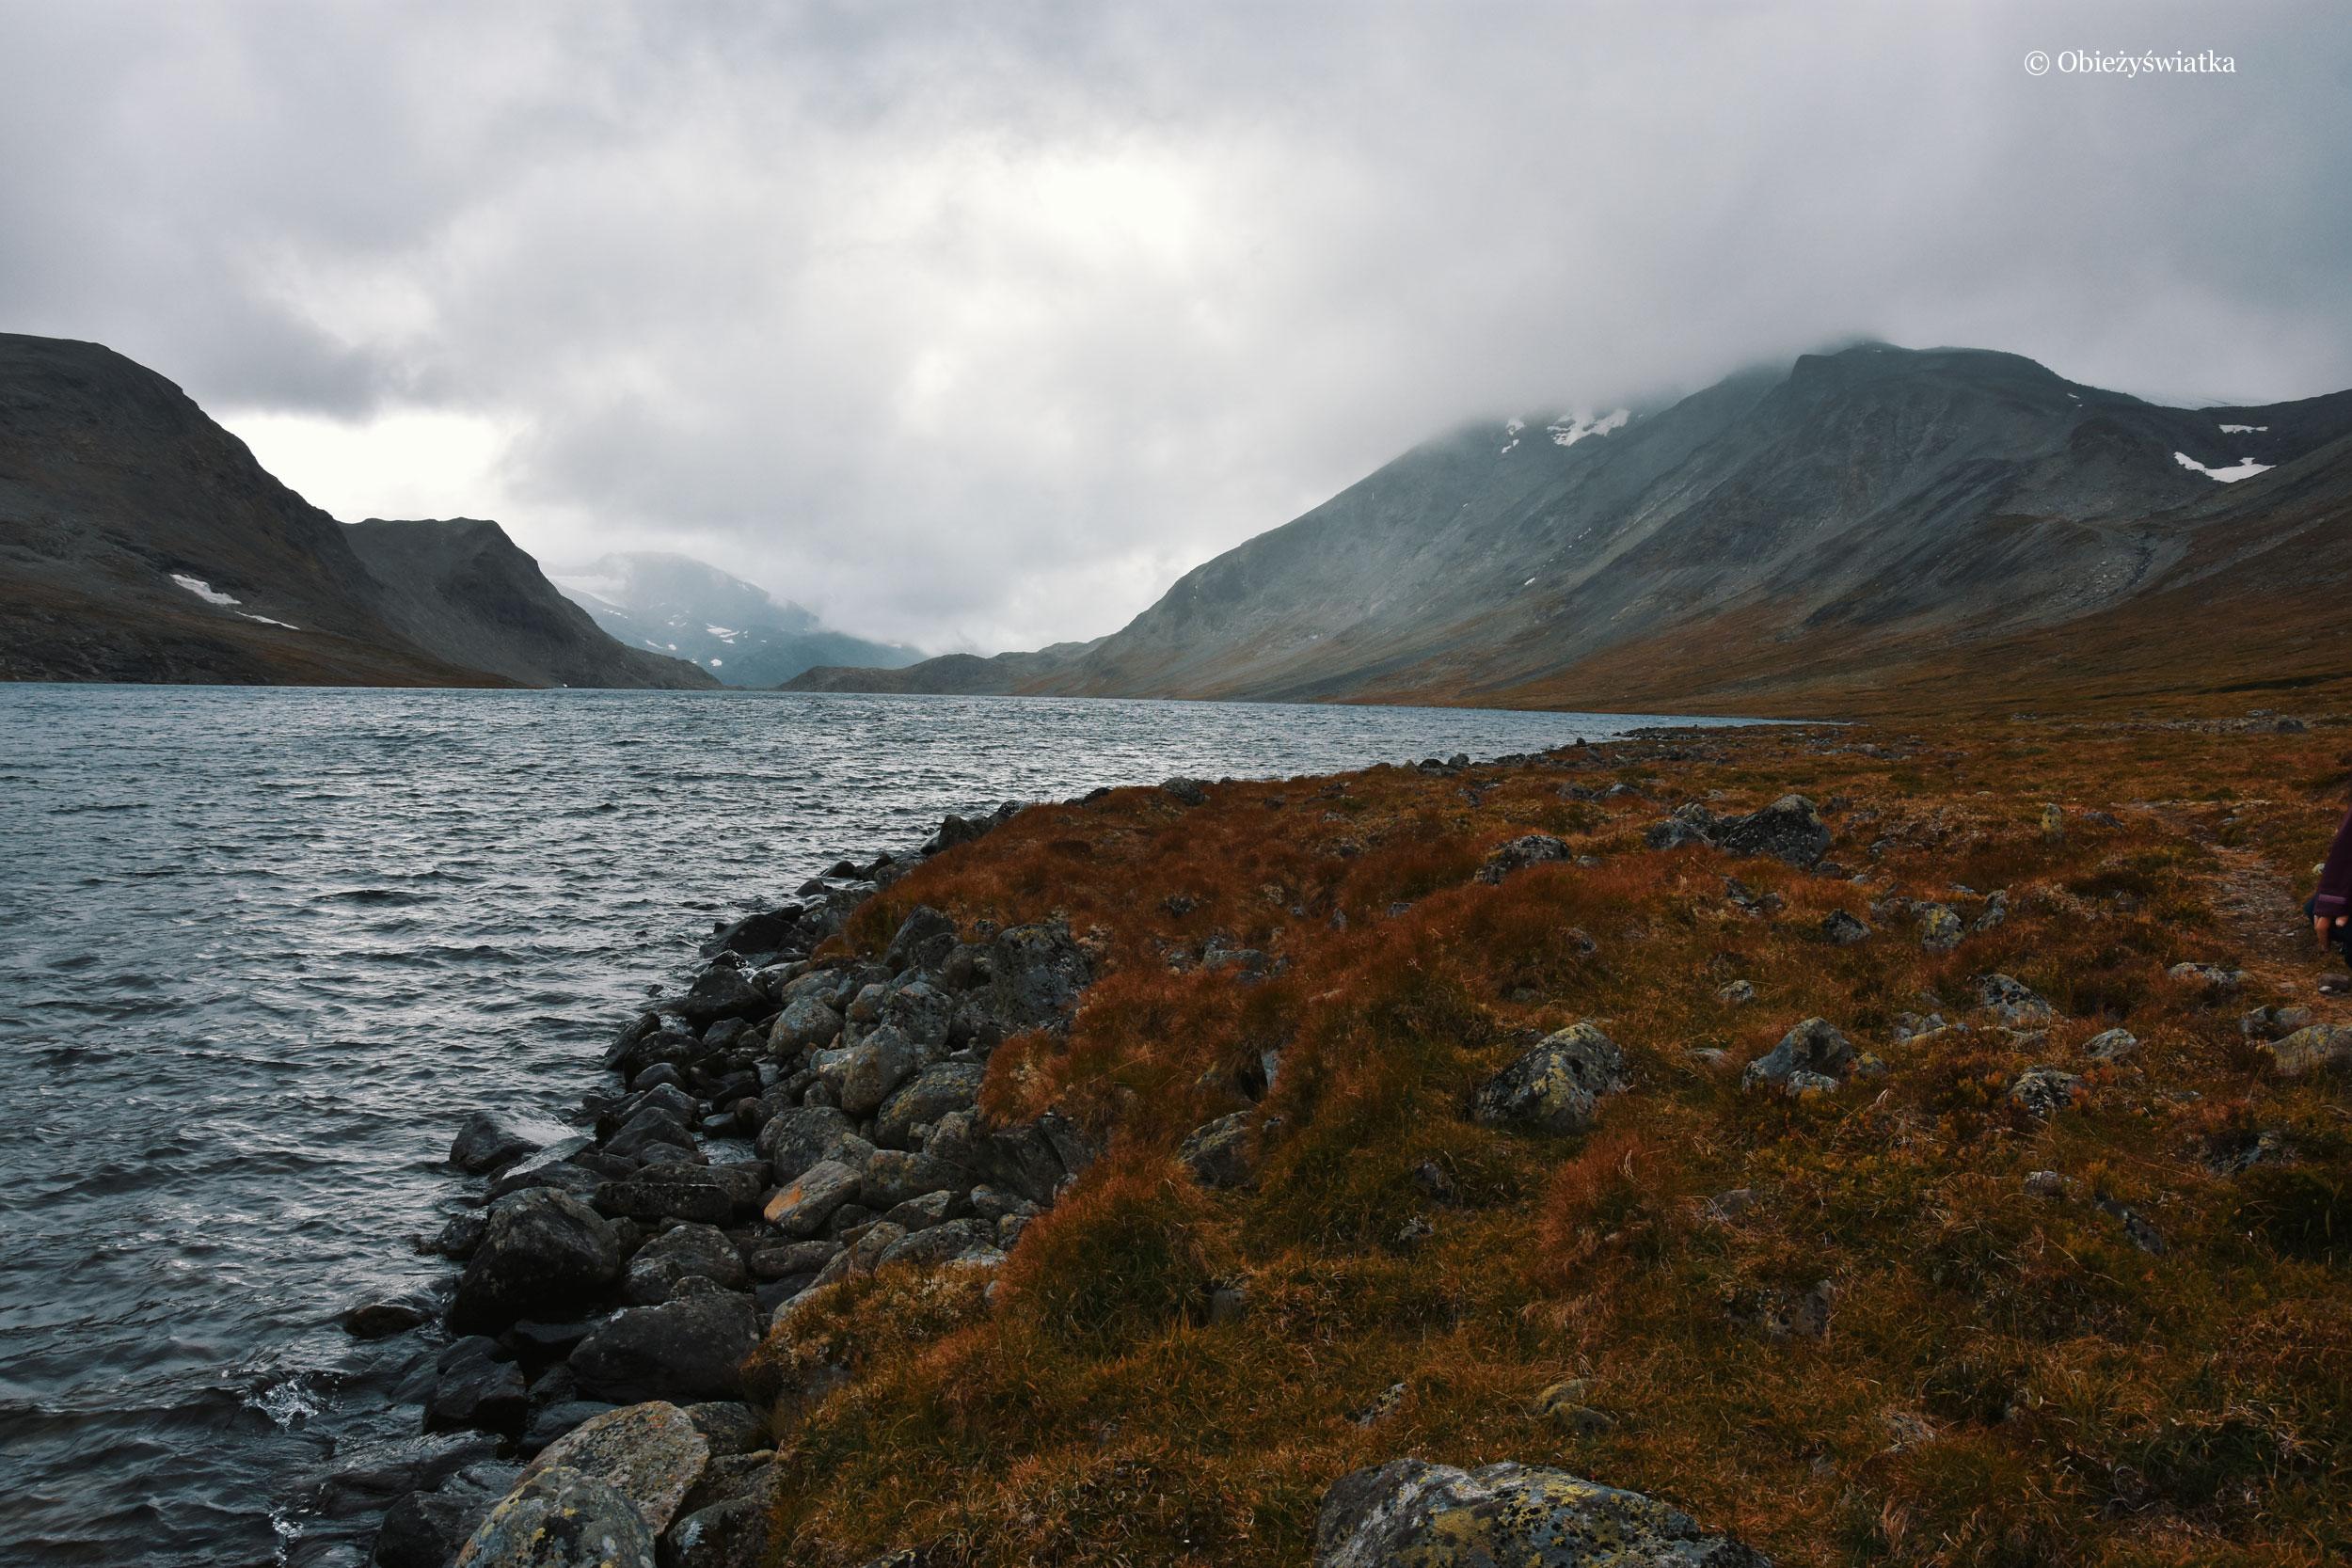 W Norwegii, na alternatywnym szlaku wokół grani Bessegen